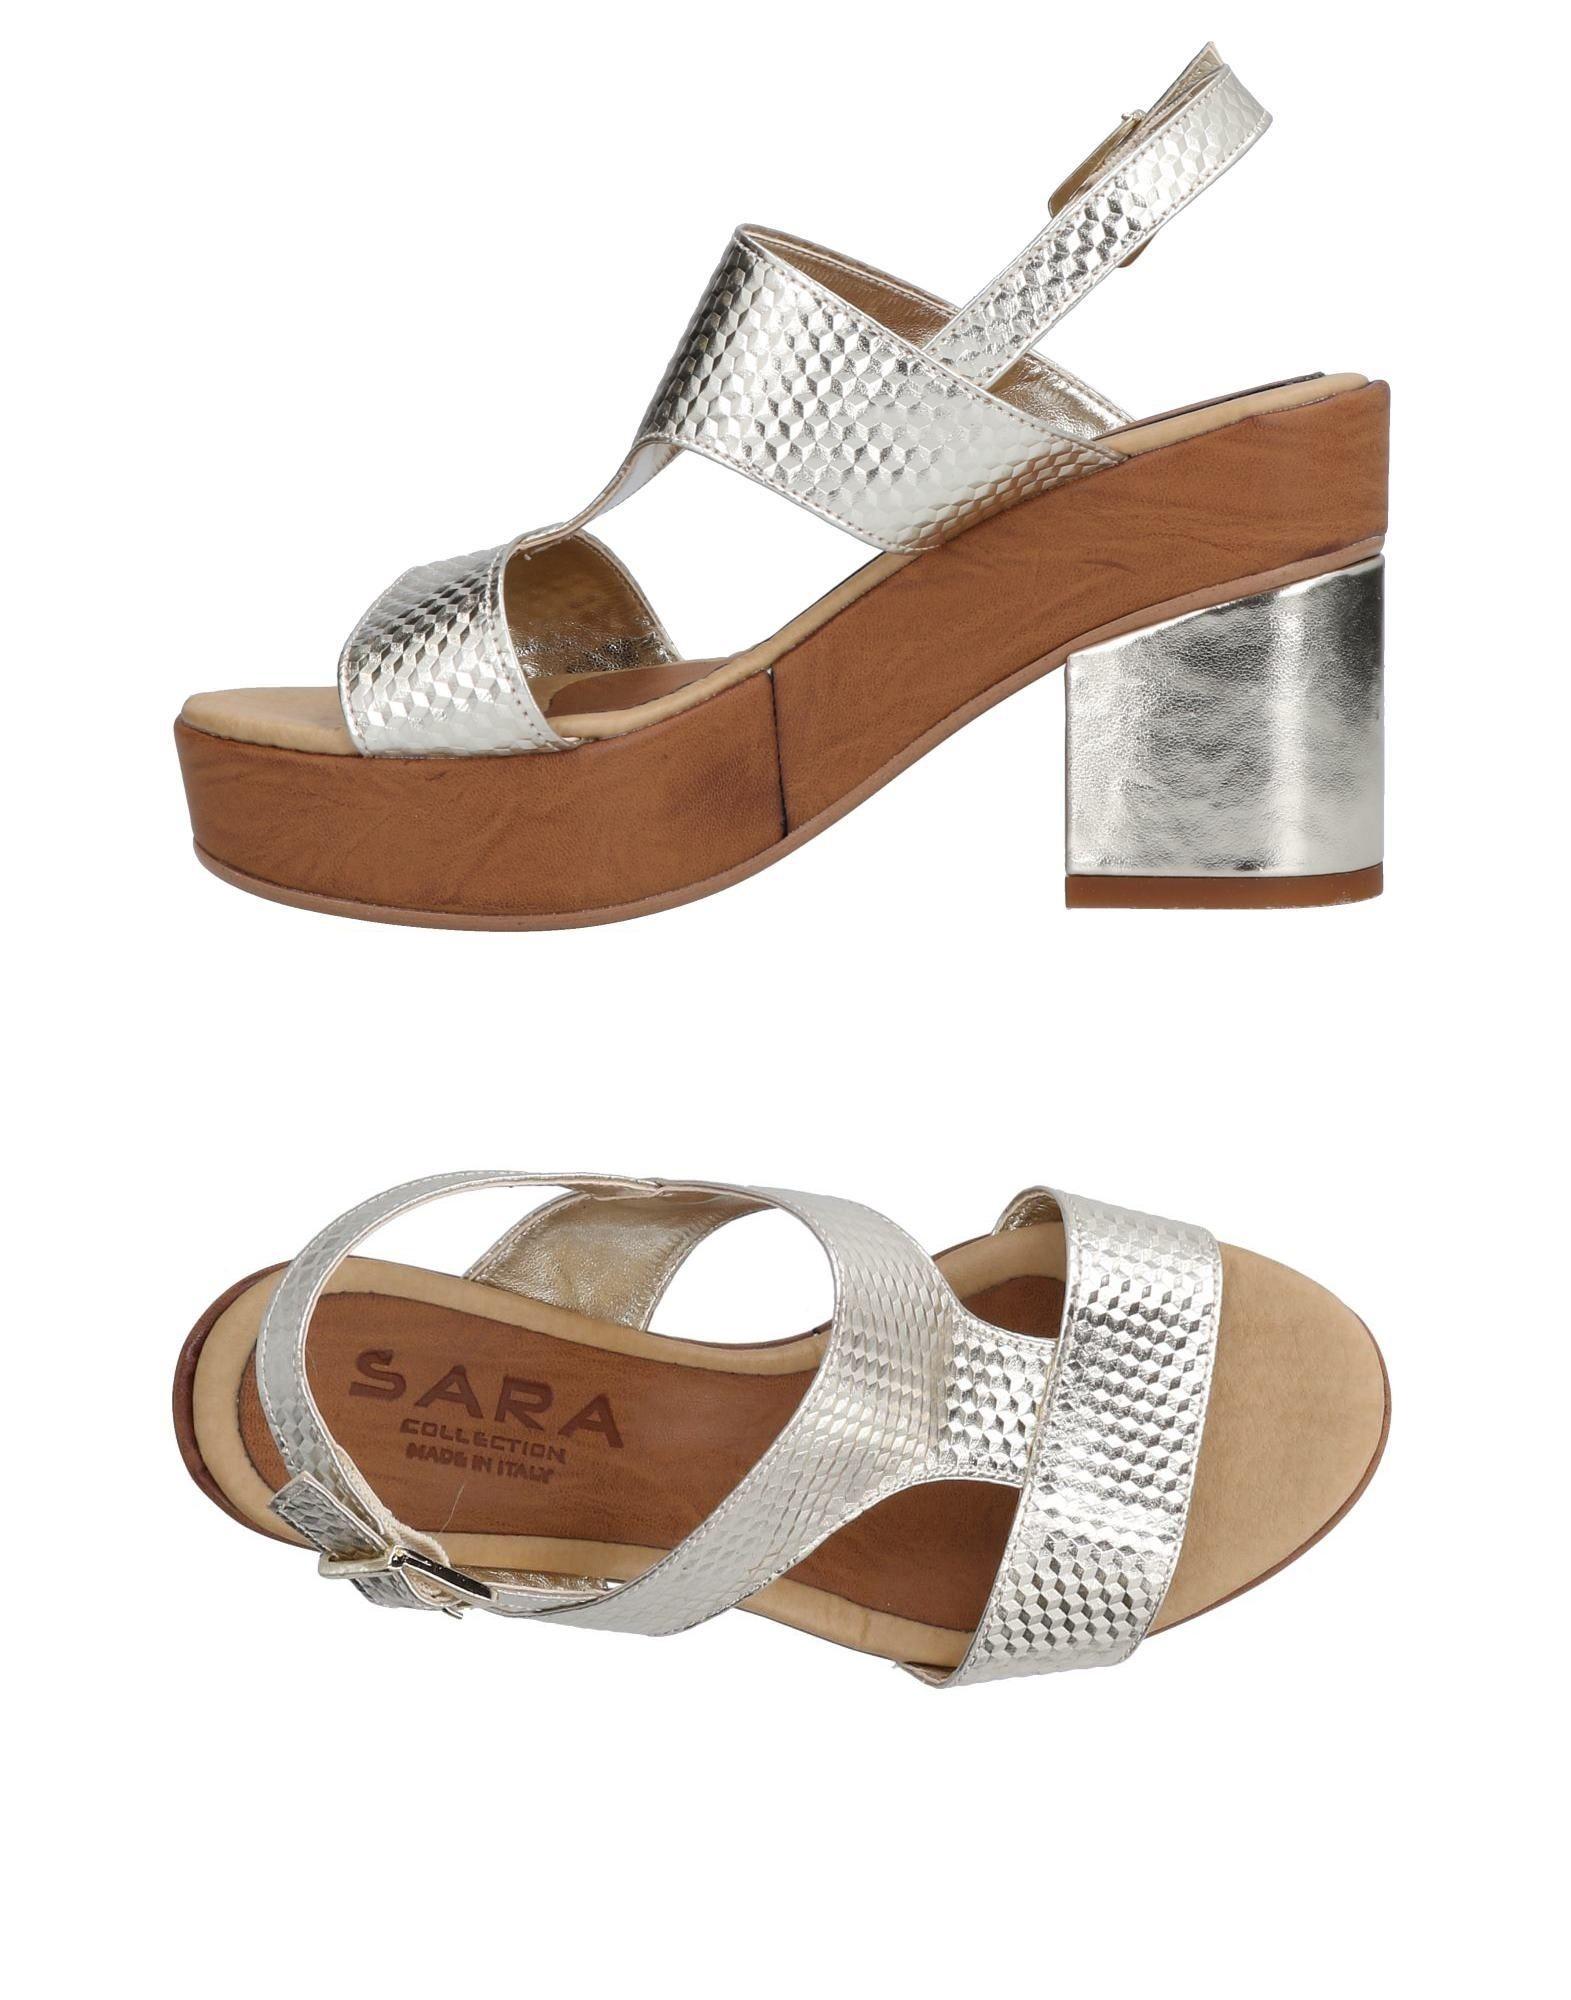 Sandali Sara Donna - 11507670TX Scarpe economiche e buone